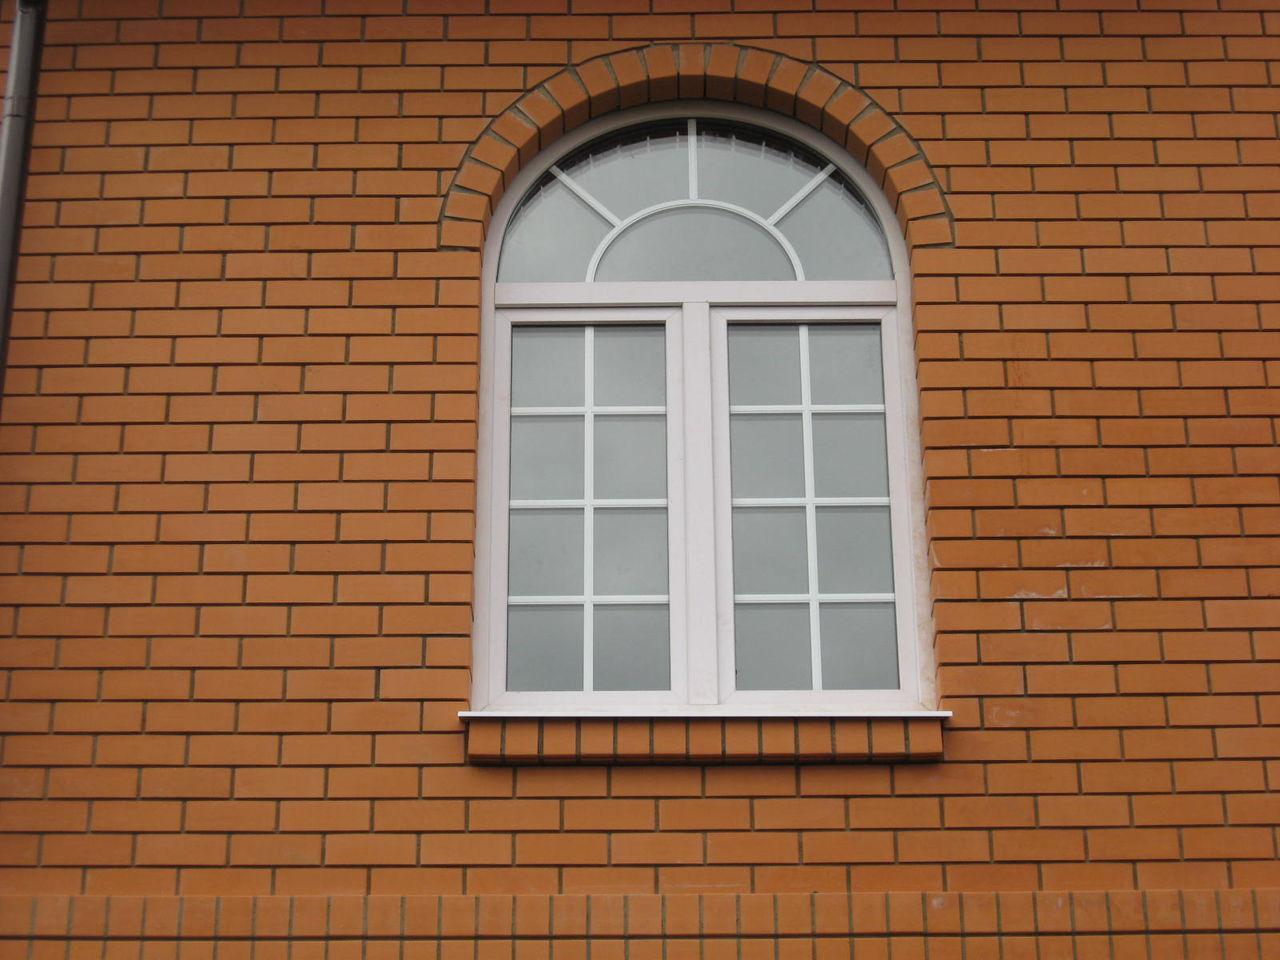 спортивного окна с перемычками фото сорт согласно